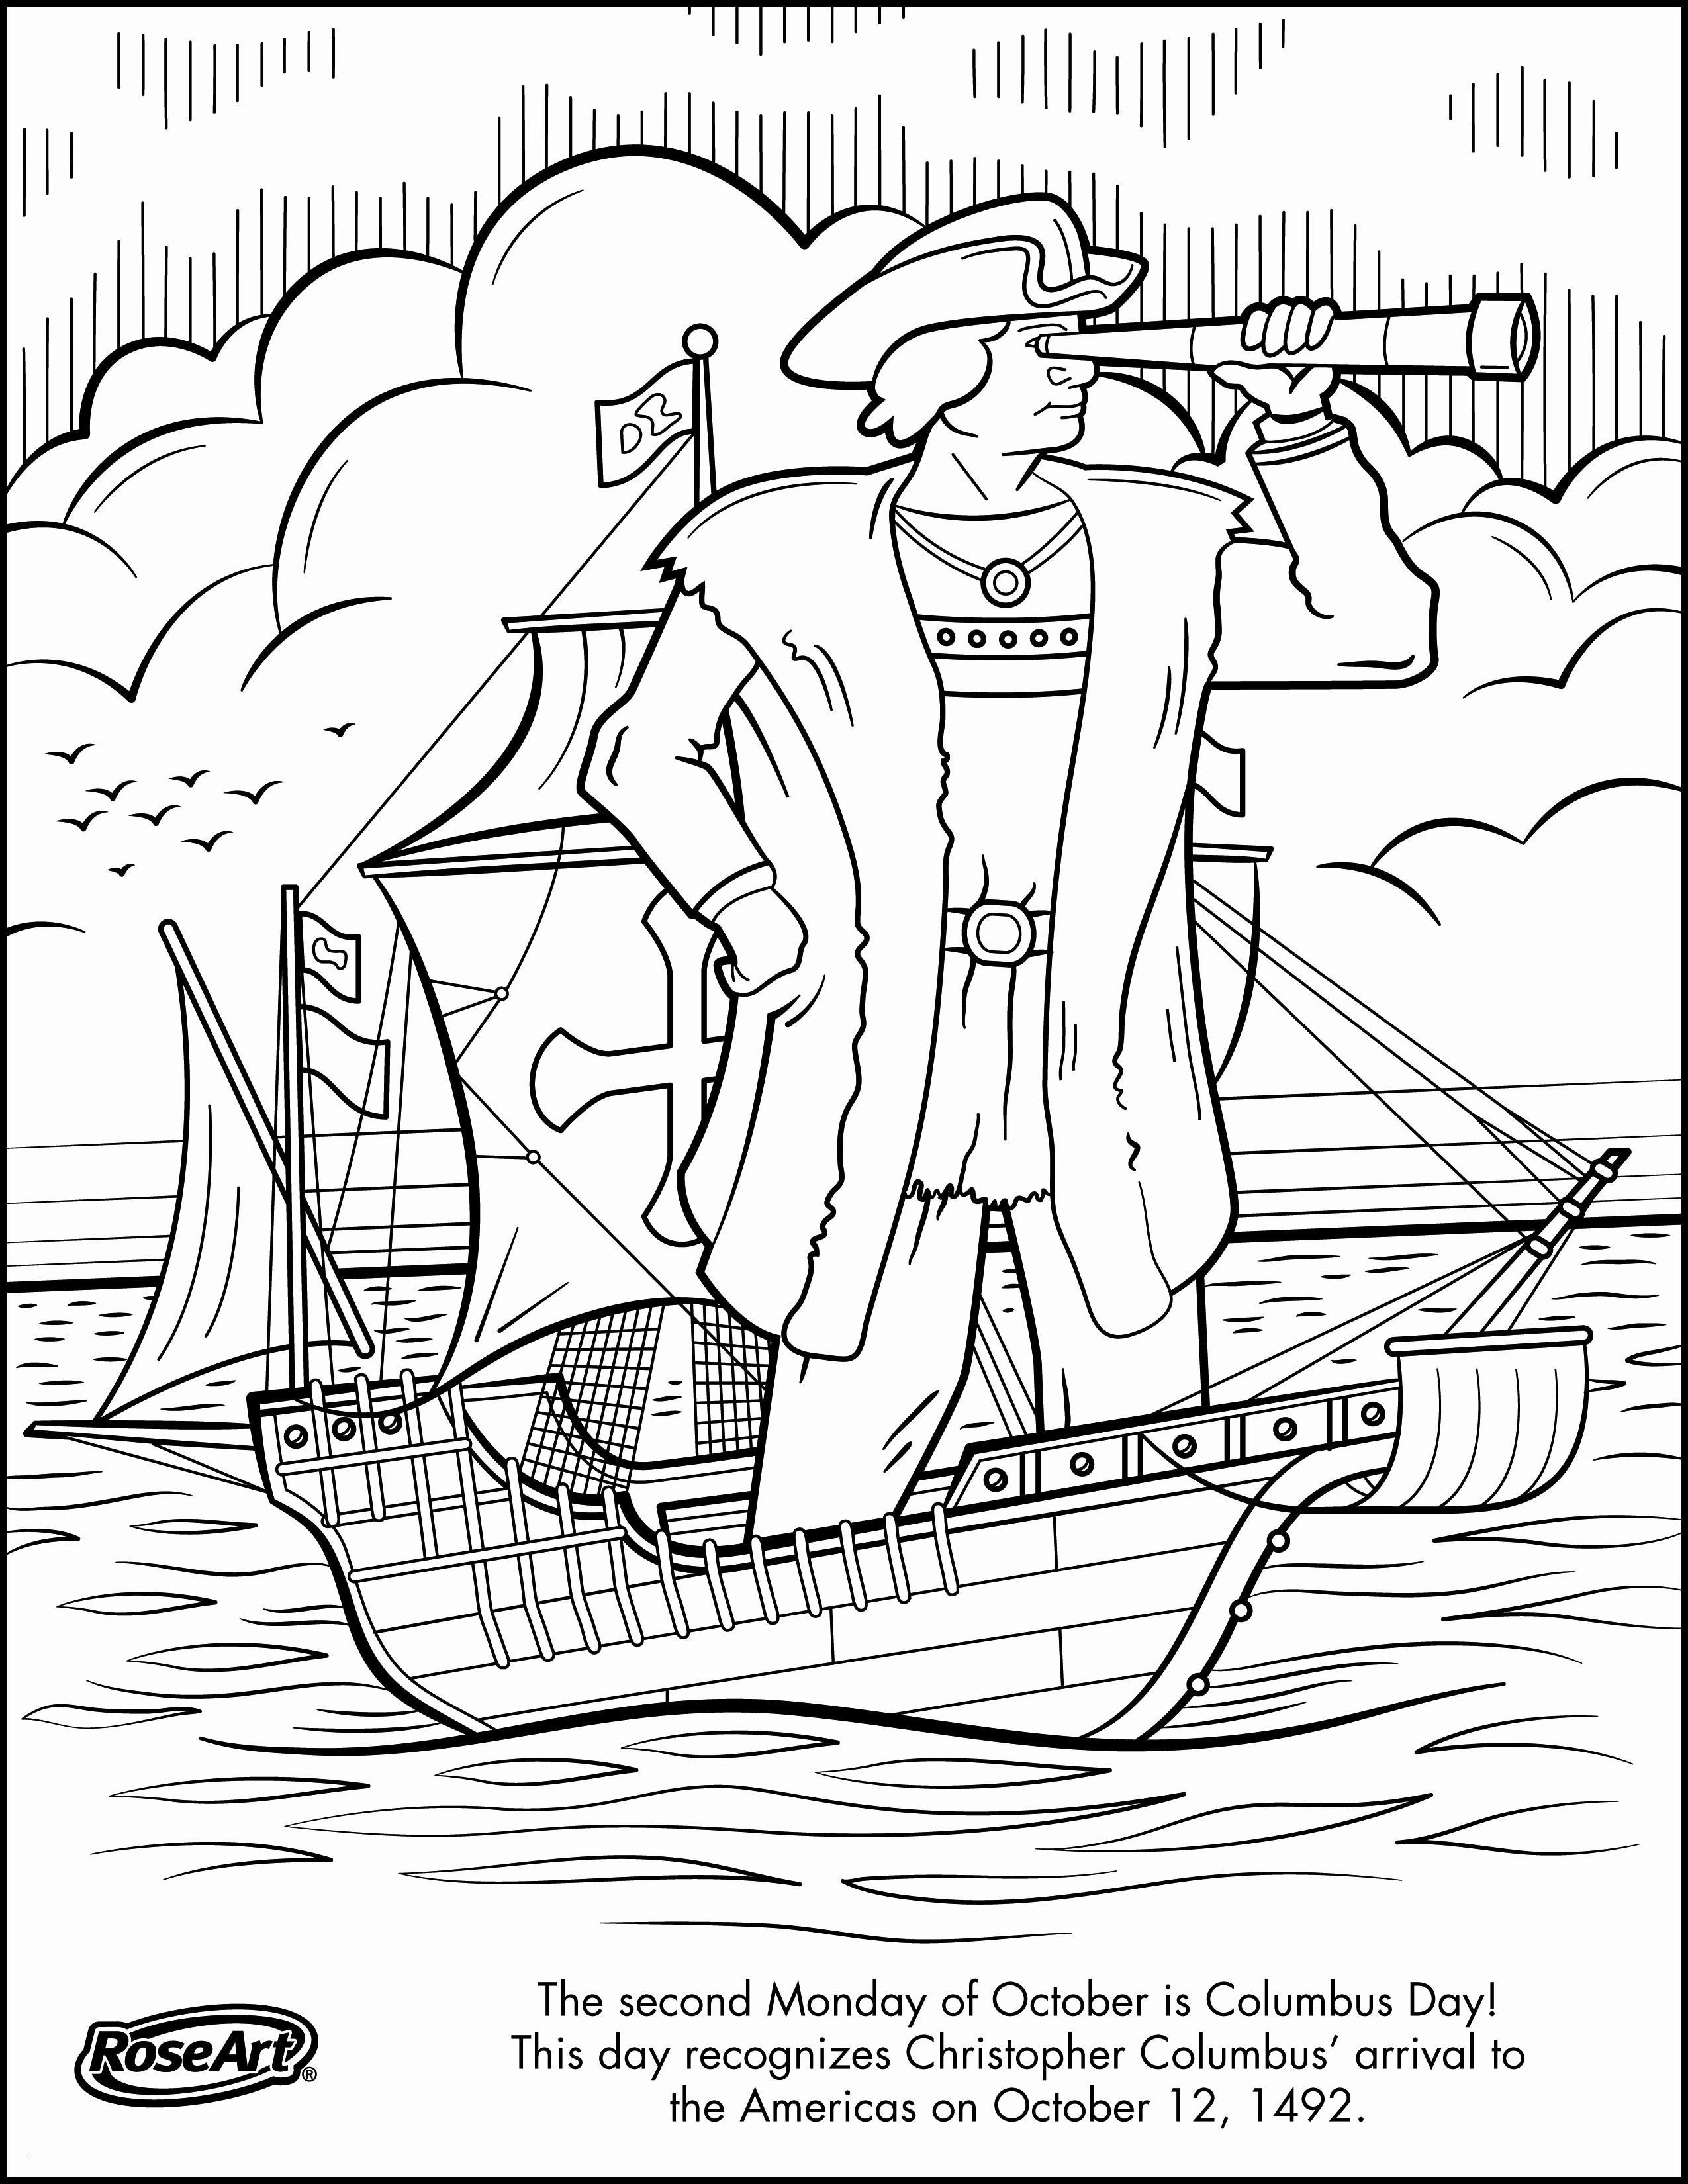 Schiffe Zum Ausmalen Genial 47 Malvorlagen Schiffe Gratis My Blog Fotos